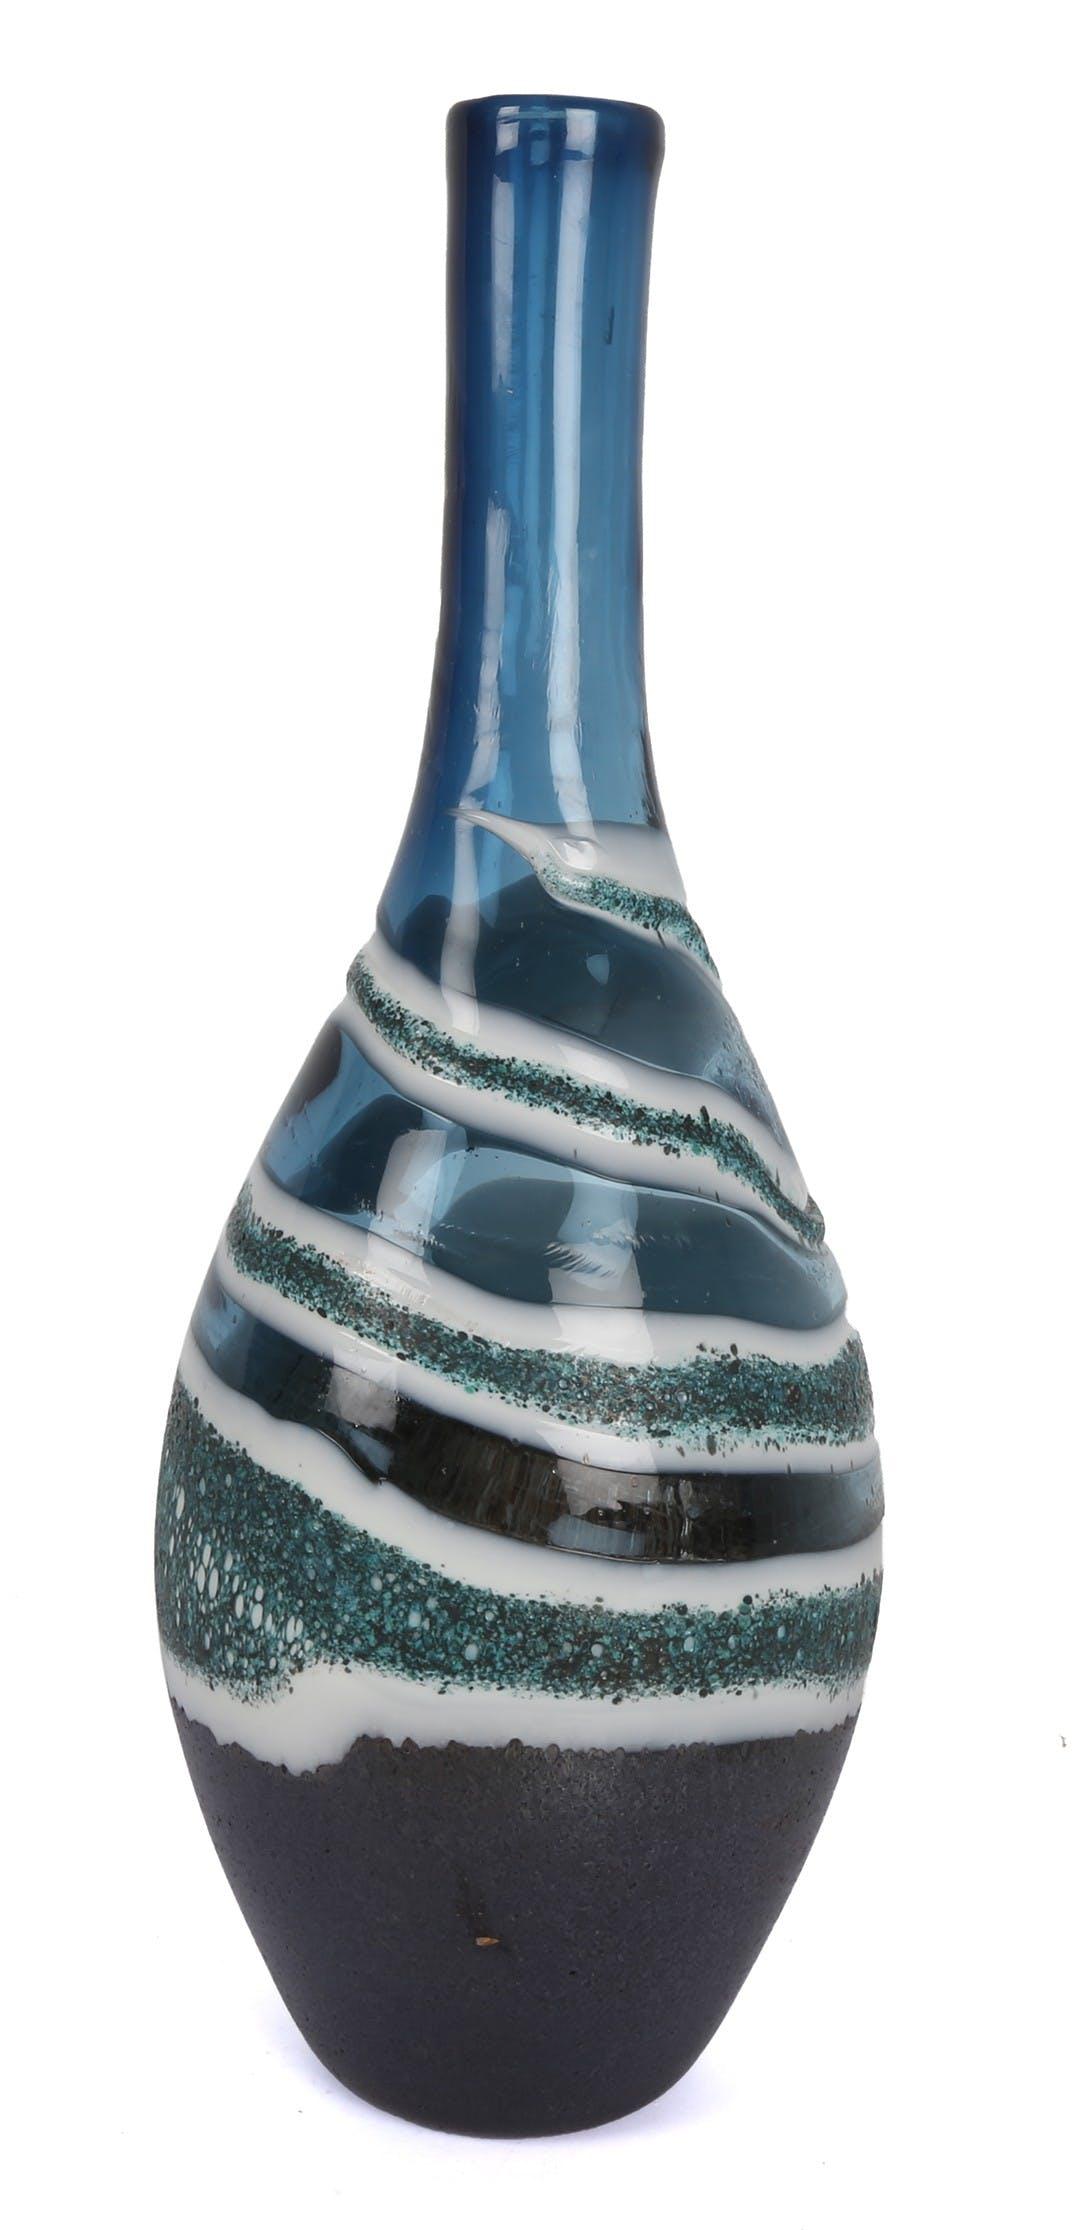 Vase bouteille soliflore en verre bleu avec effets de vagues choco blanc et gris D14xH38cm